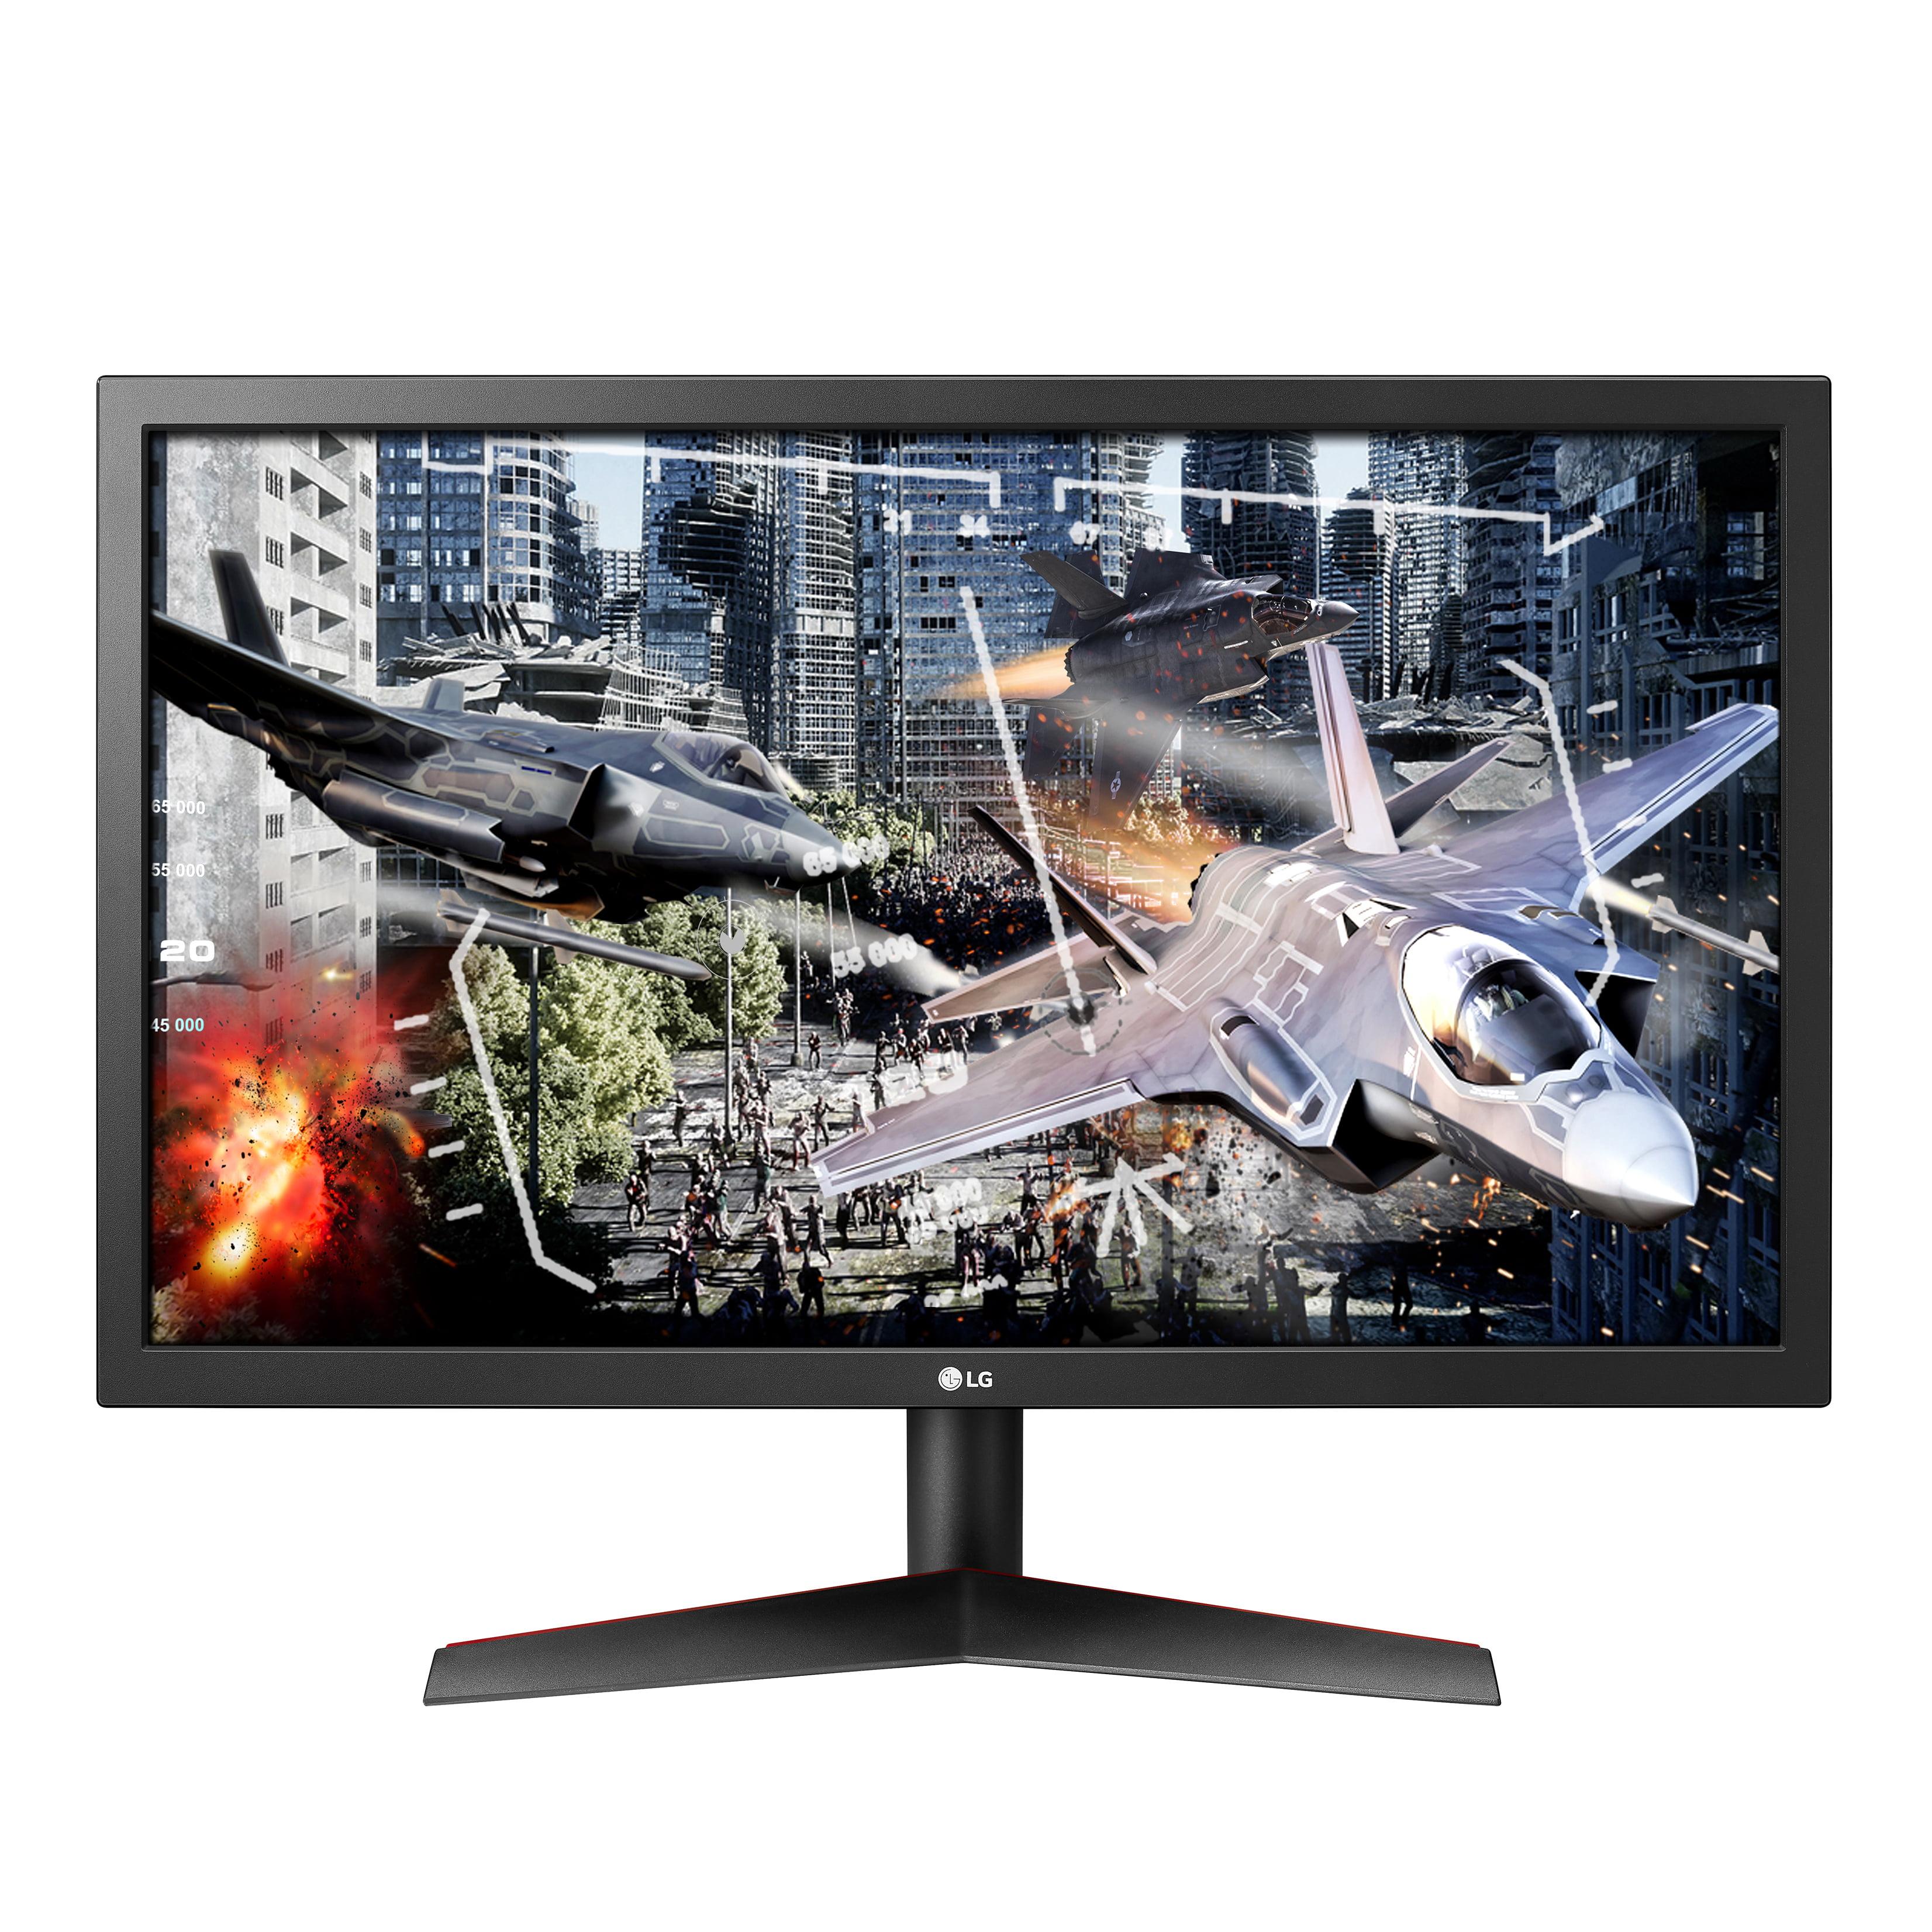 Lg 9 Freesync Gaming Monitor - Walmart.com